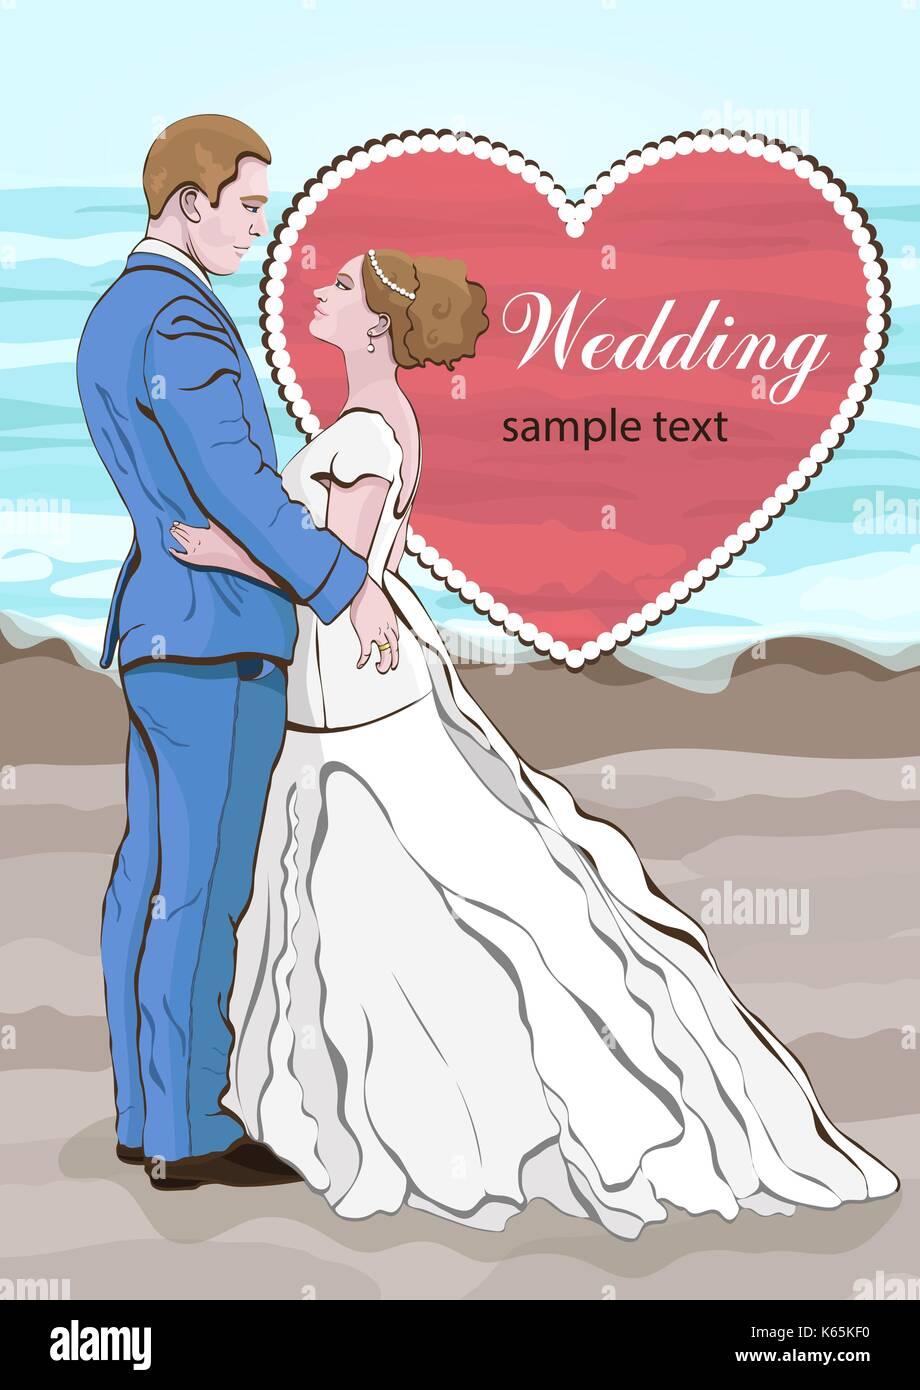 Bride And Groom Cartoon Vector Wedding Invitation Card Couple In